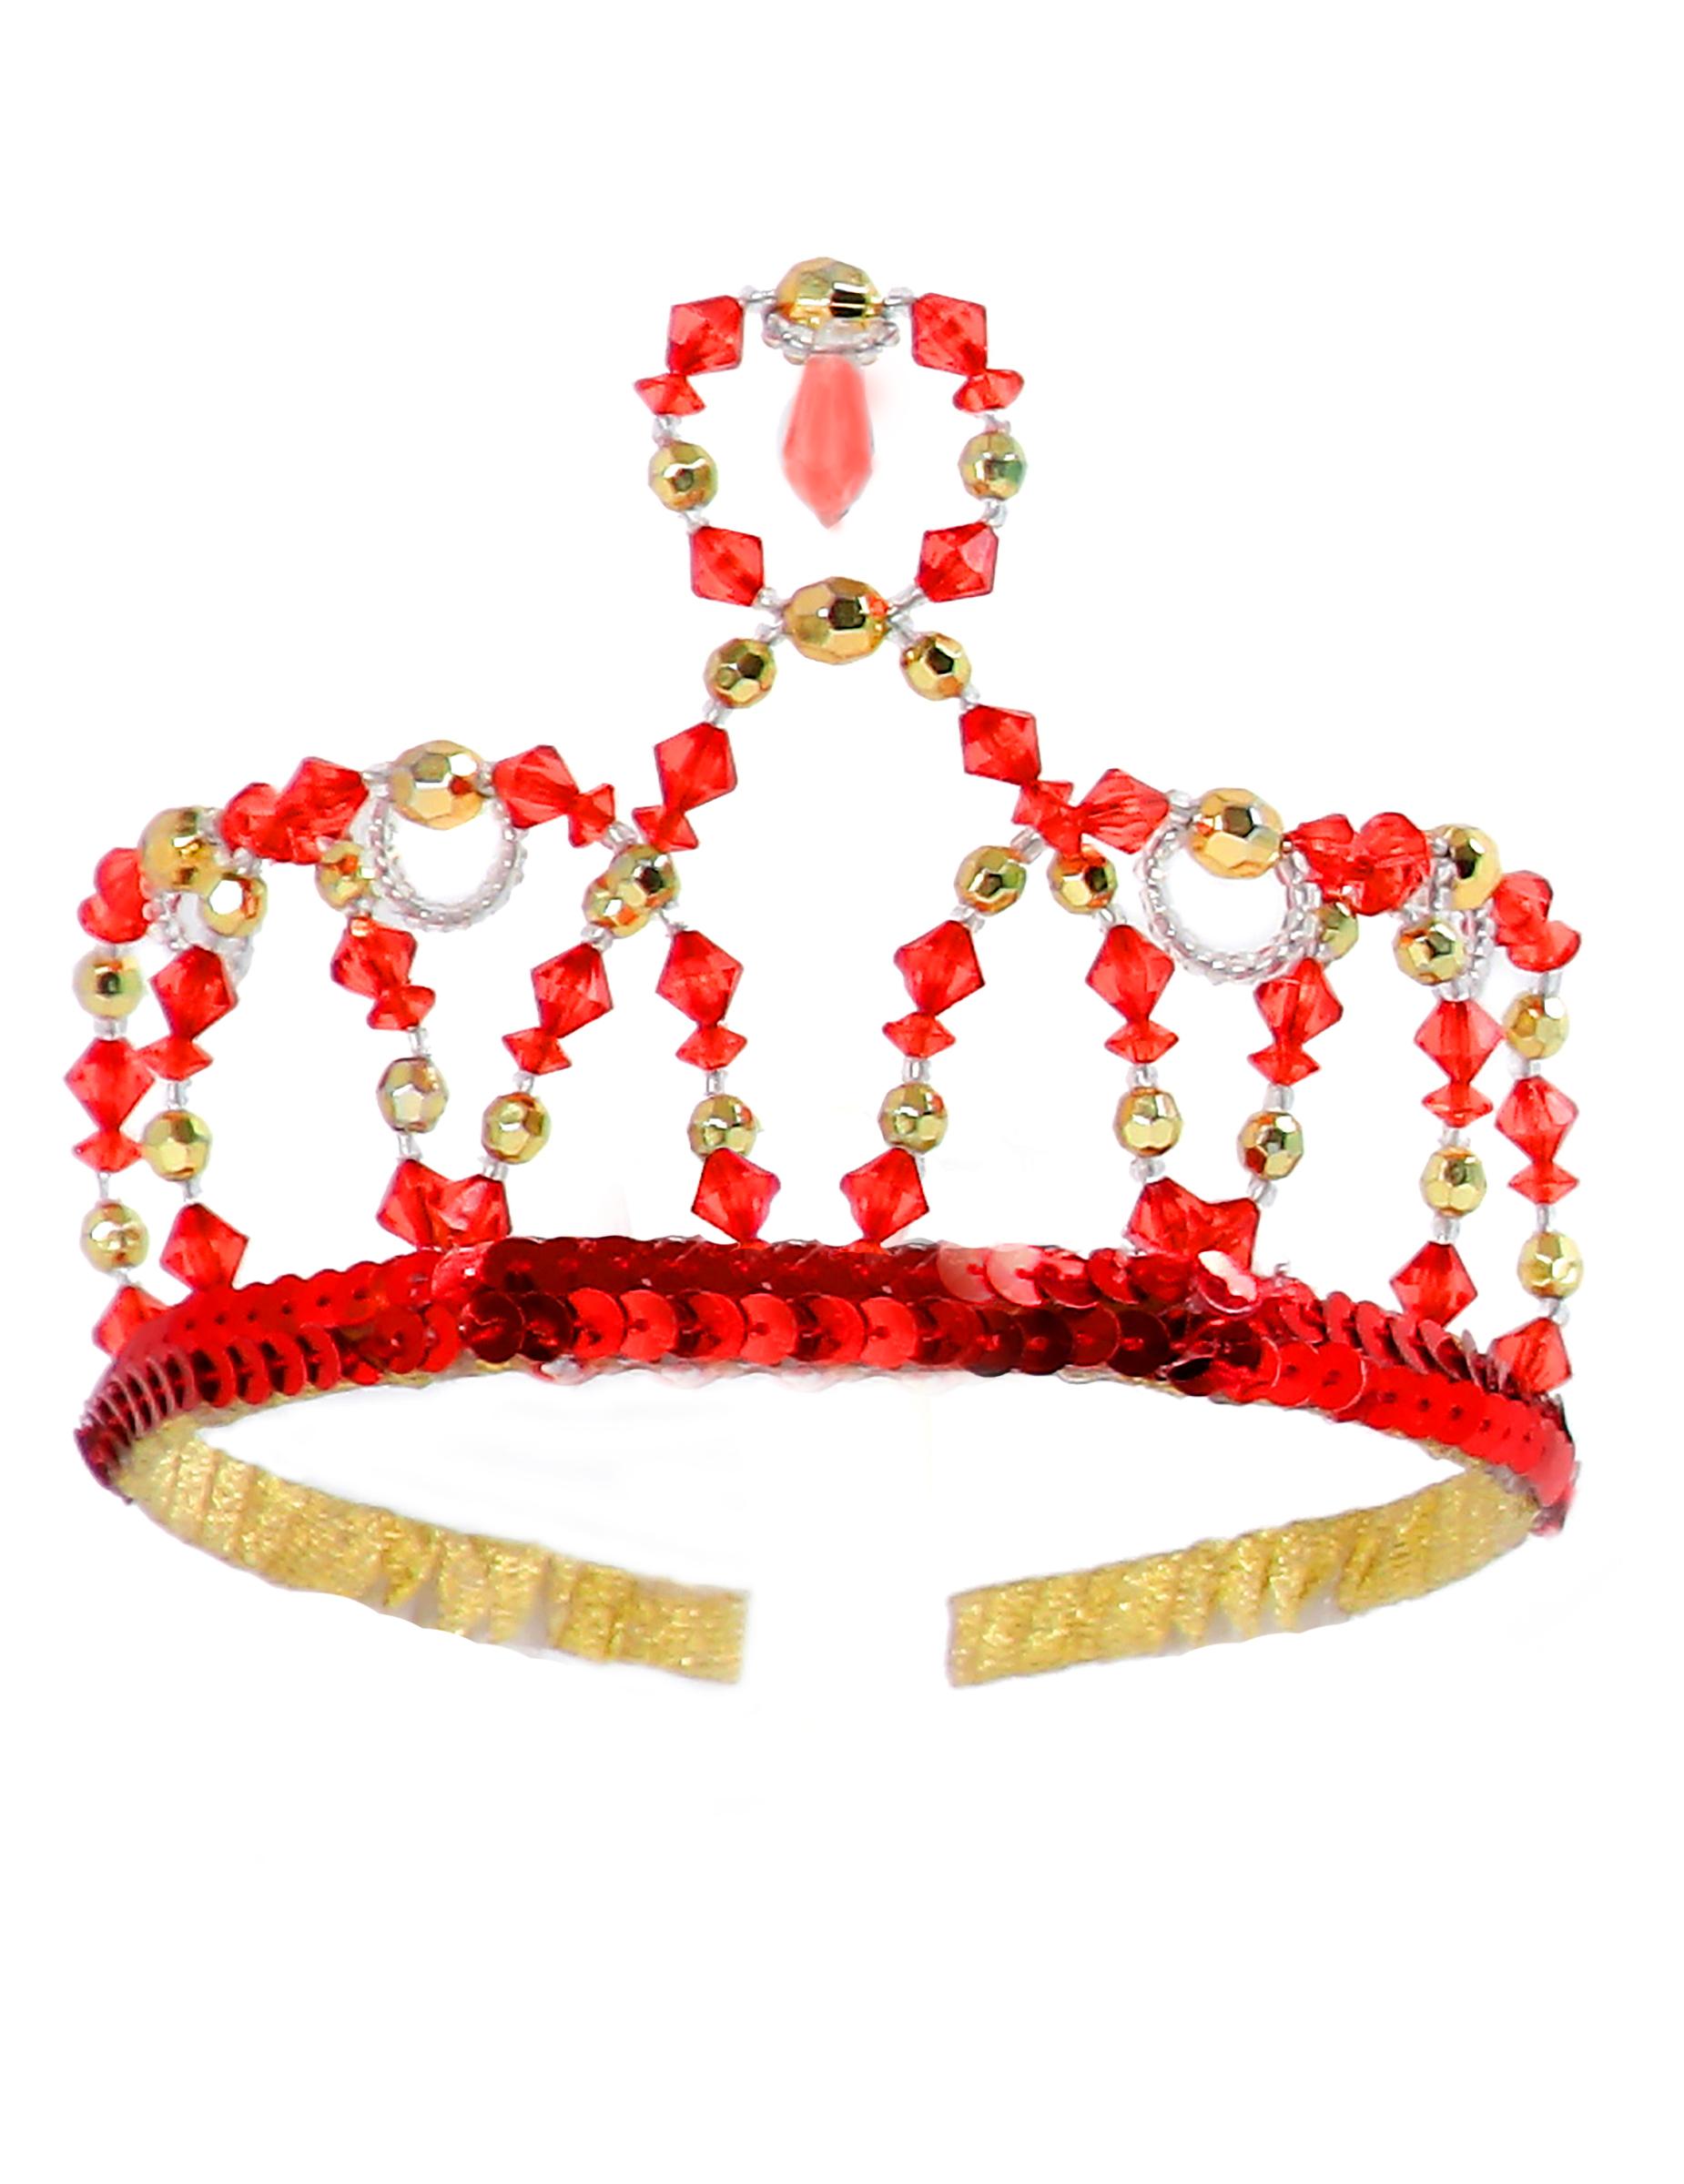 Corona Princesa Roja Niña Accesoriosy Disfraces Originales Baratos